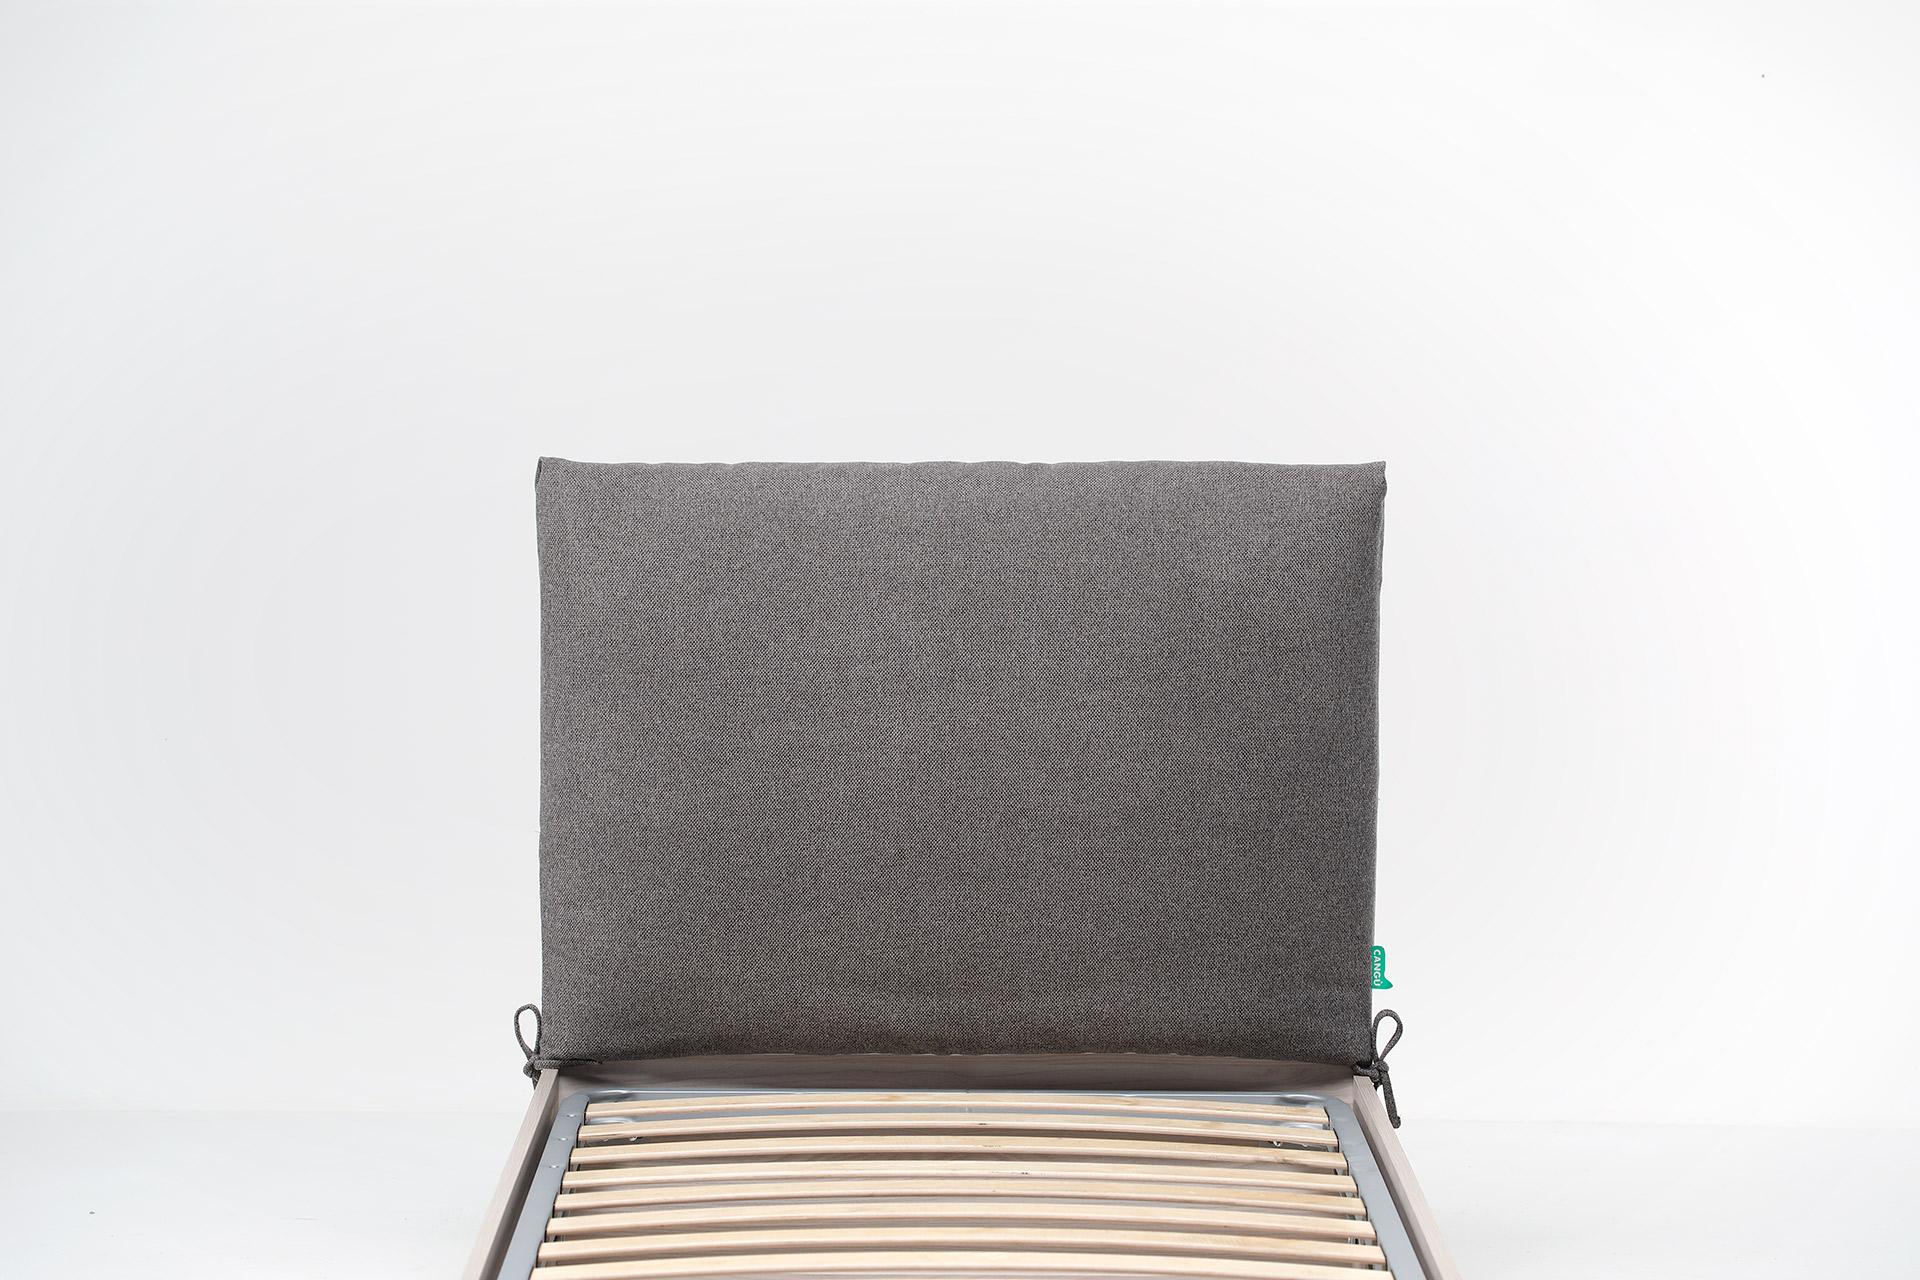 Cuscino testata singolo su struttura letto contenitore di larghezza 90 - Cuscino testata letto ...